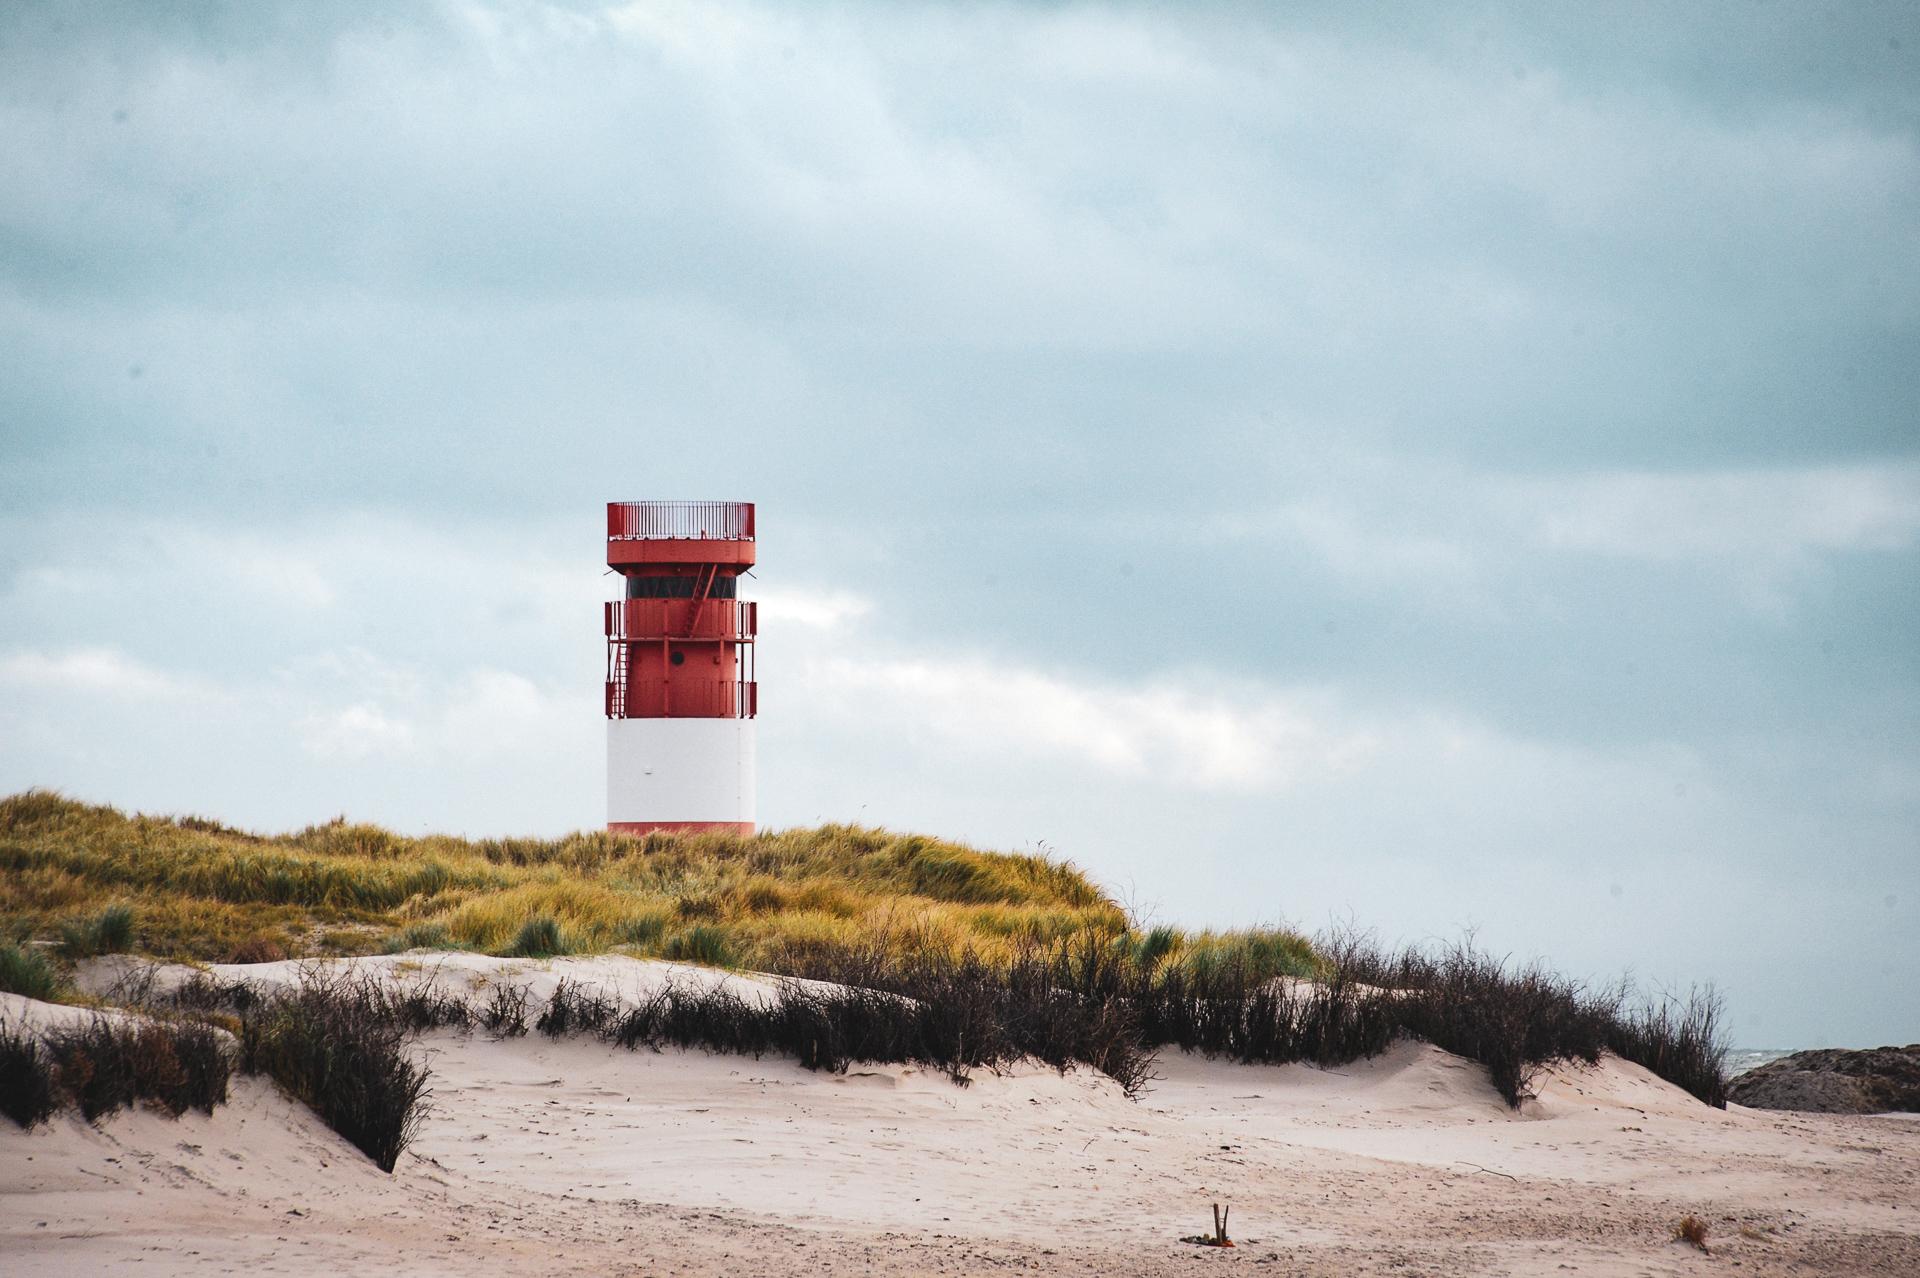 Fotografie Urlaub Natur Helgoland